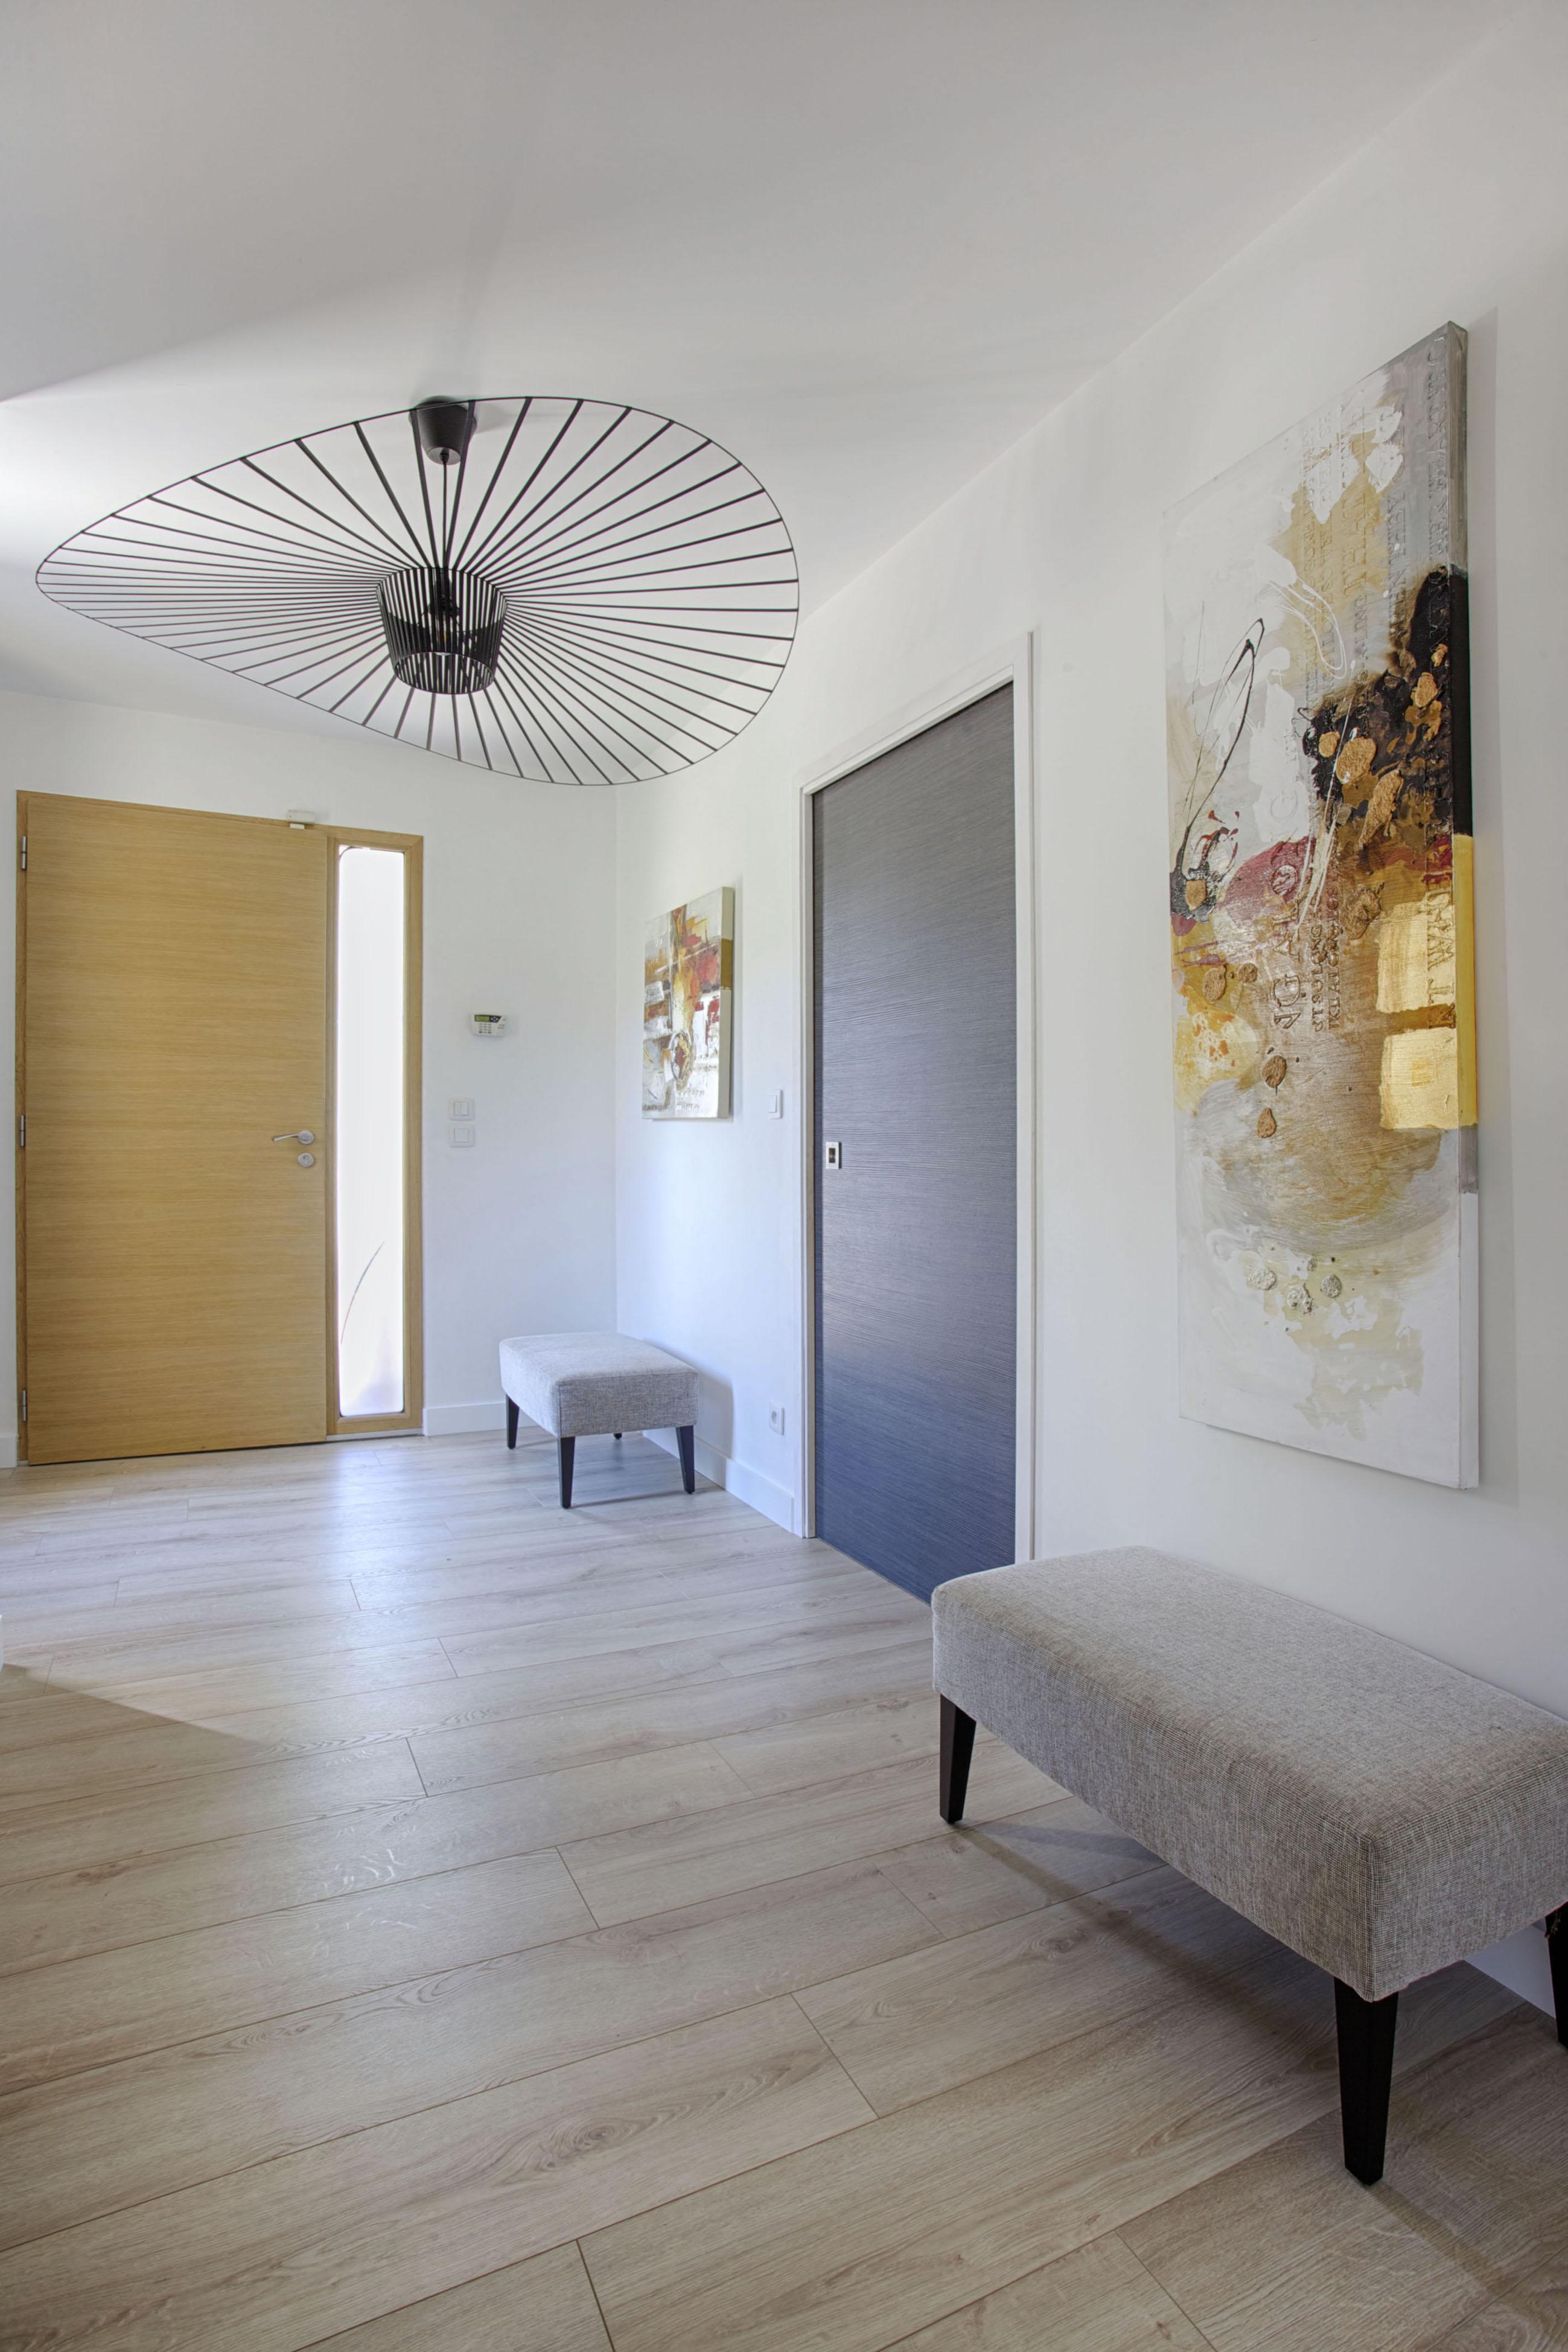 Entrée design avec vertigo 1001 idées Peggy Guezello